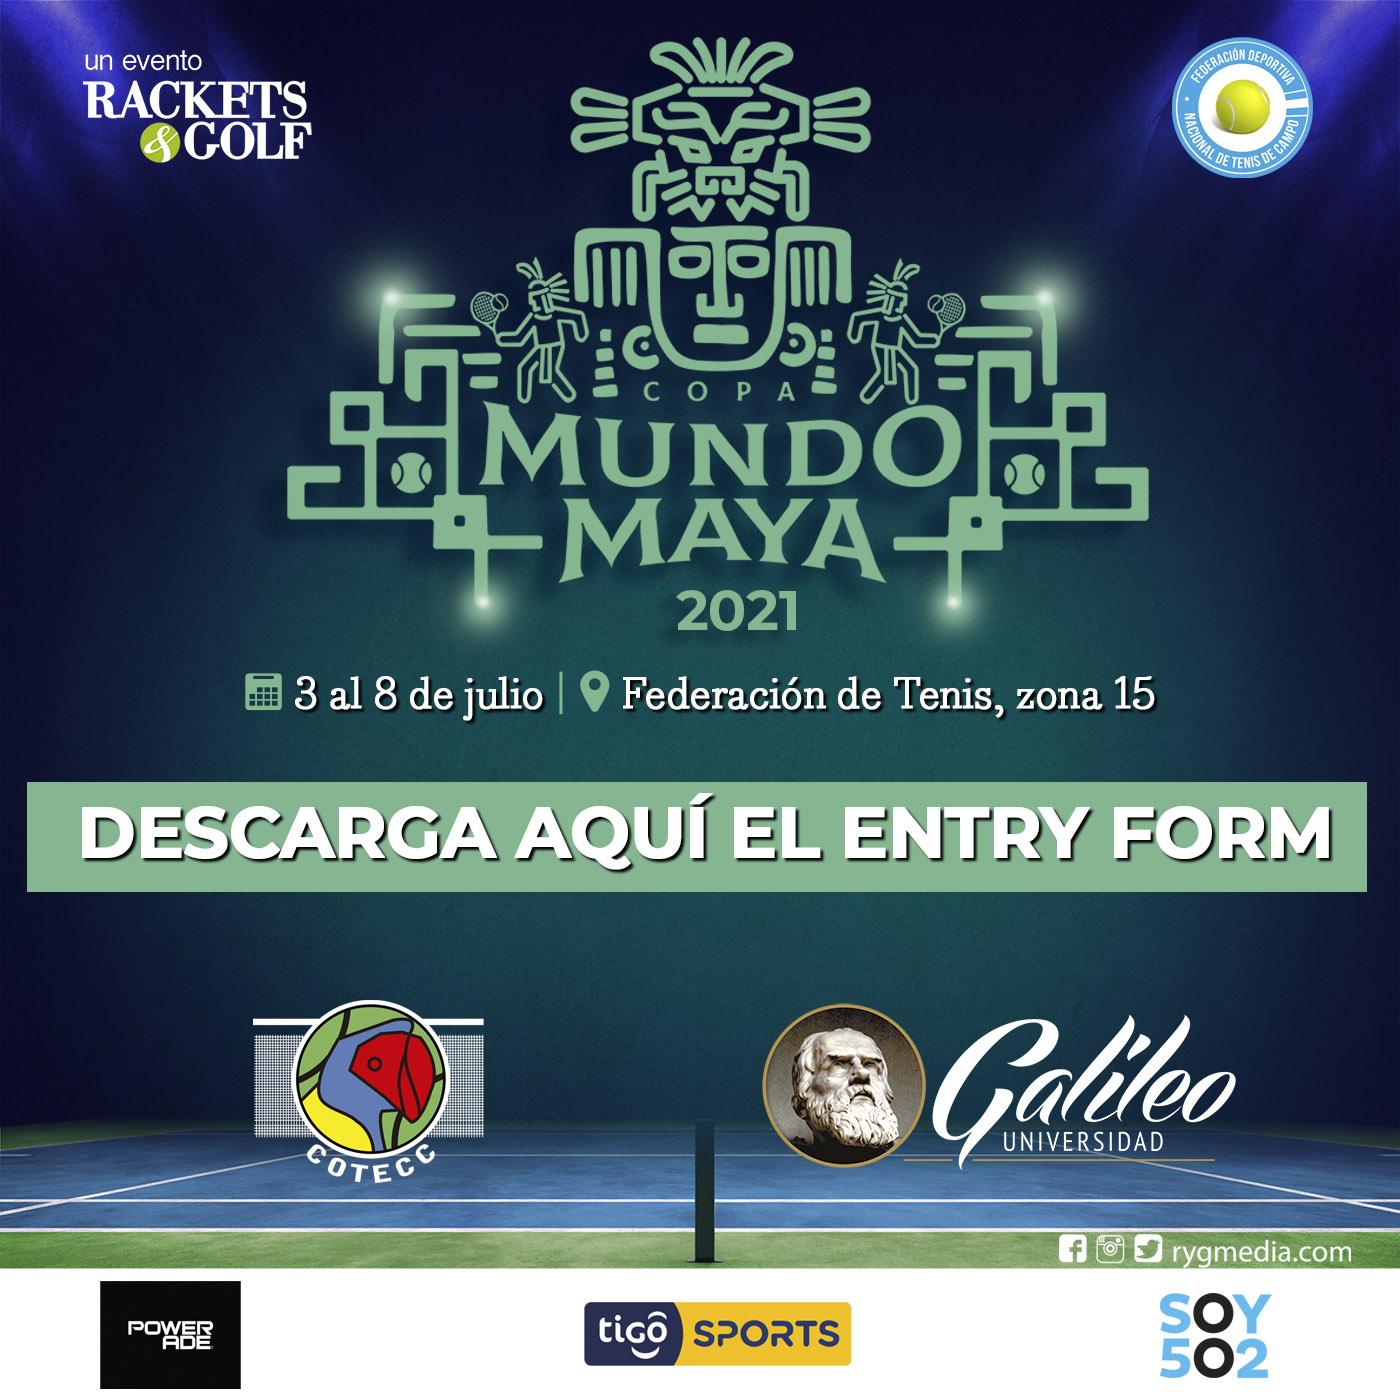 Copa Mundo Maya U14 Entry Form